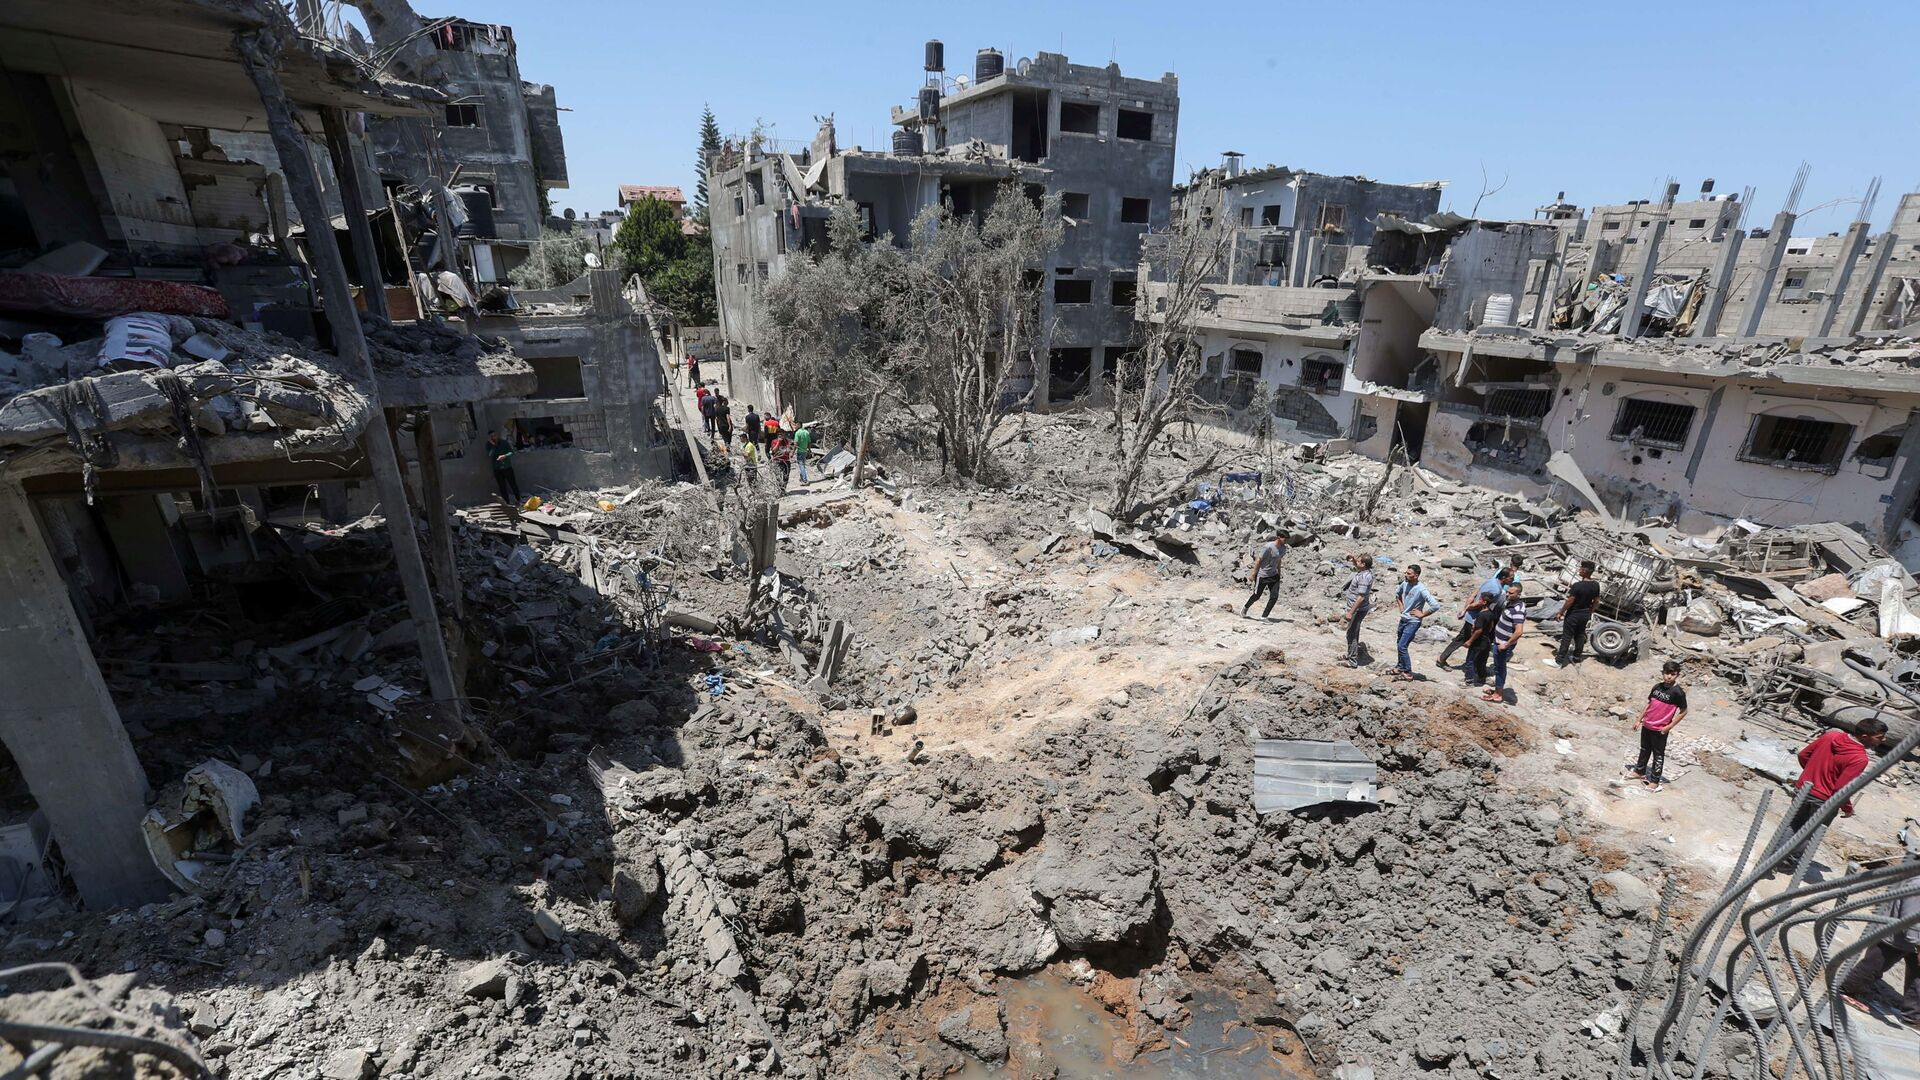 Палестинцы собираются на месте разрушенных домов после израильских авиационных и артиллерийских ударов в секторе Газа - Sputnik Italia, 1920, 30.05.2021